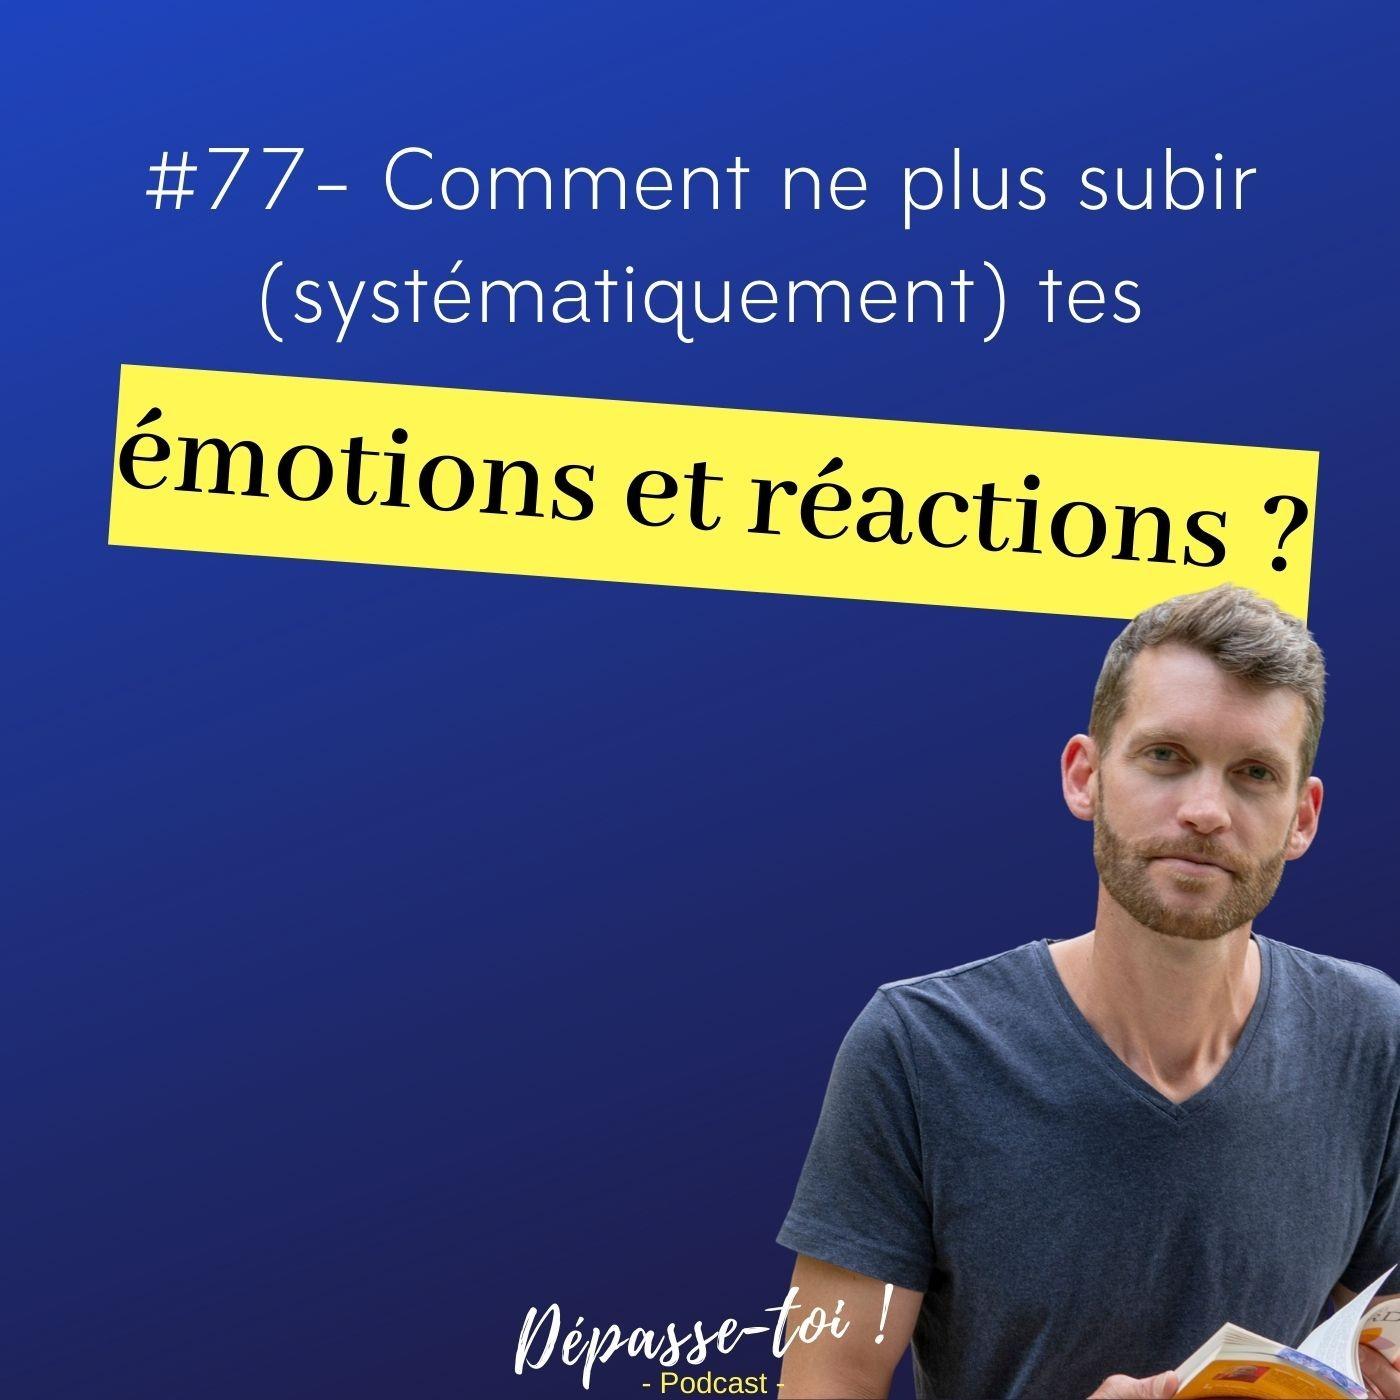 #77 - Comment ne plus subir (systématiquement) tes émotions et tes réactions ?